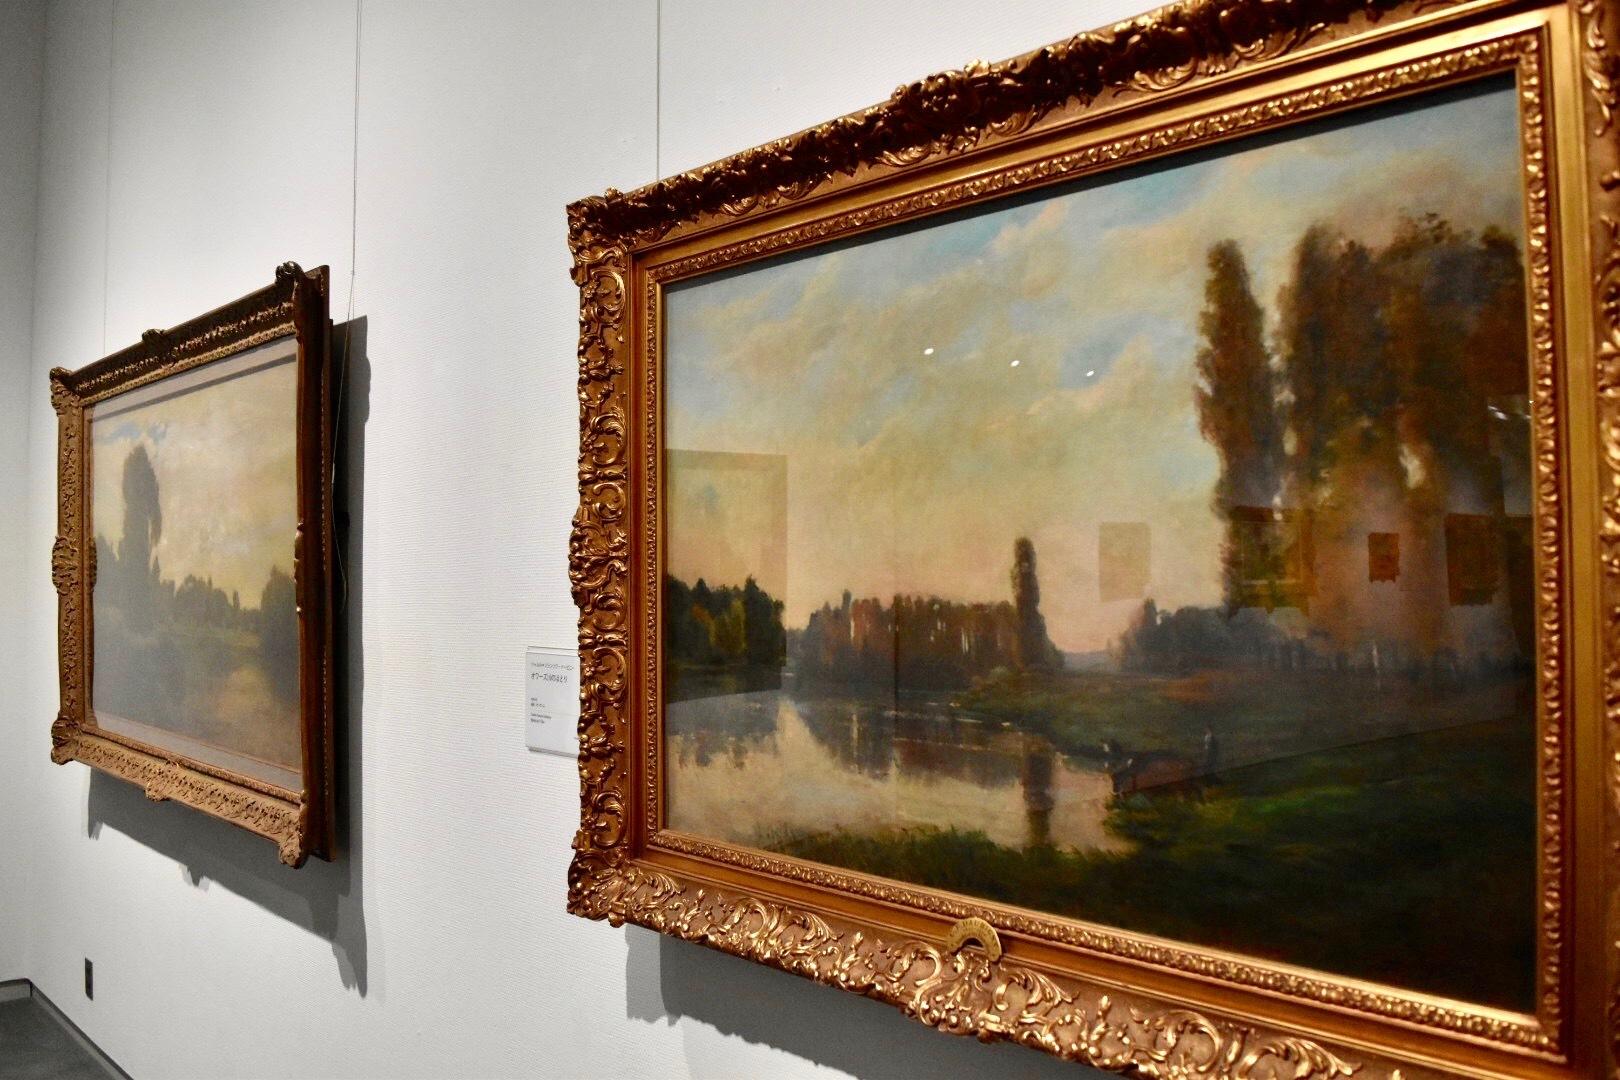 右:シャルル=フランソワ・ドービニー 《オワーズ川のほとり》 1865年 千葉県立美術館蔵